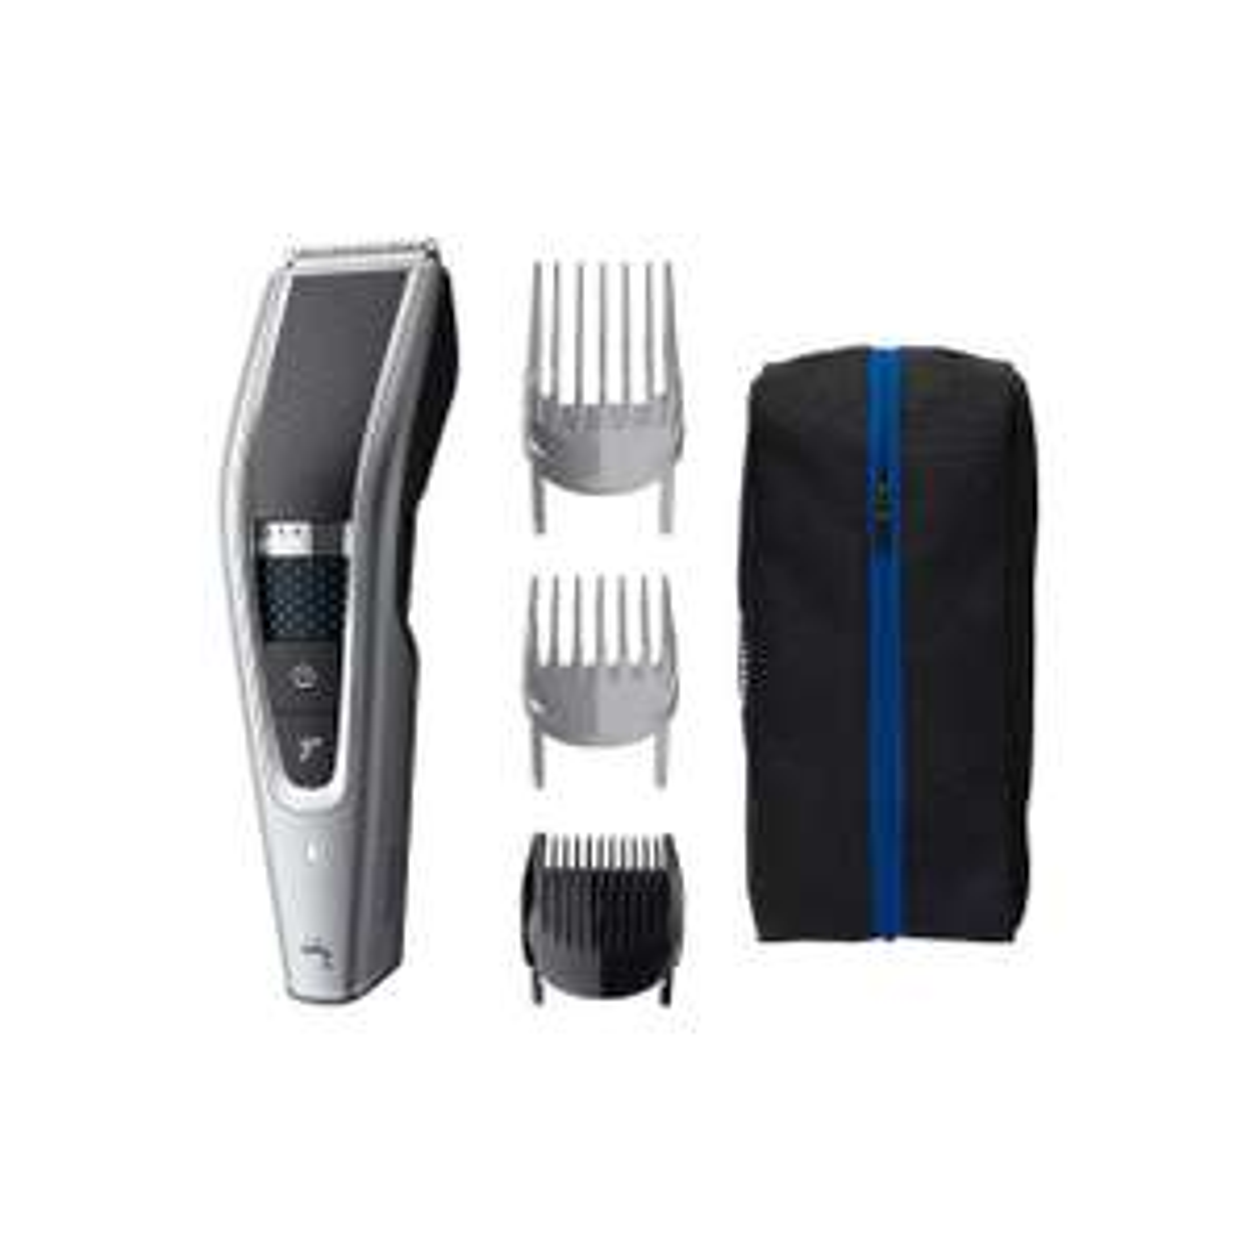 Philips HC5630/15 Hairclipper - abwaschbarer Haarschneidemaschine mit 28 Längeneinstellungen (0,5 bis 28 mm) 3 Kammaufsätzen und Turbo Modus